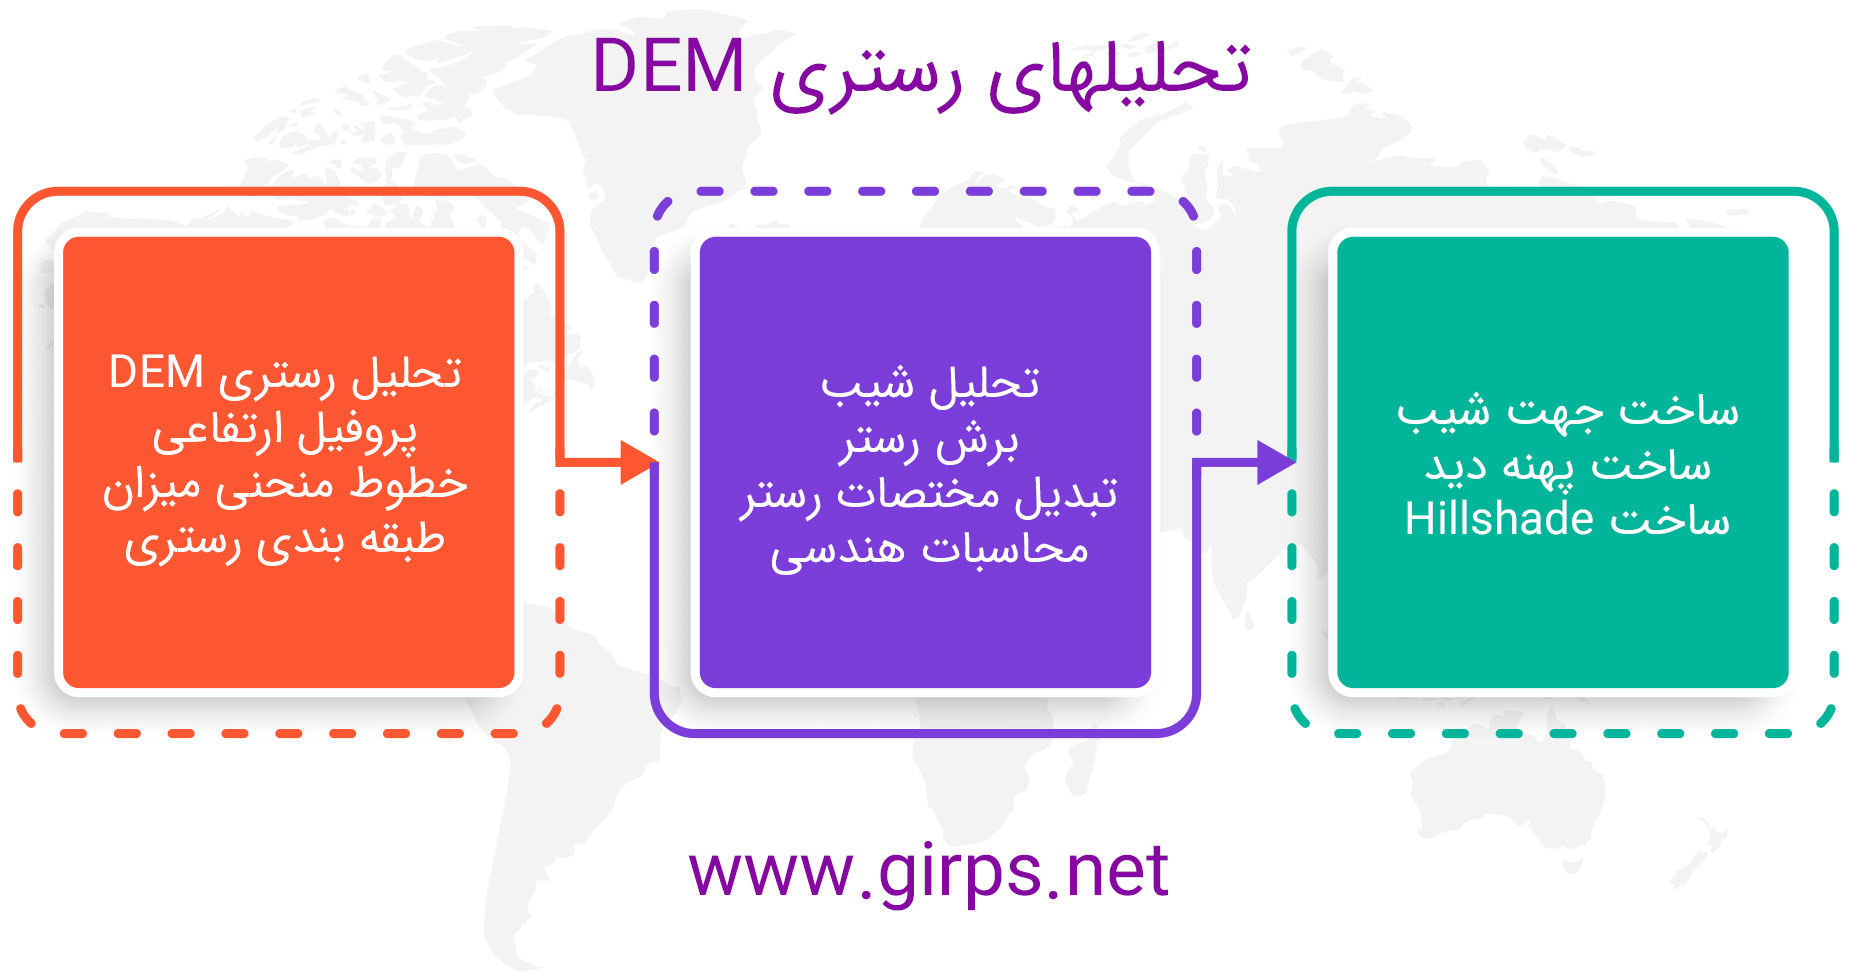 آموزش تحلیل داده های DEM در ArcGIS